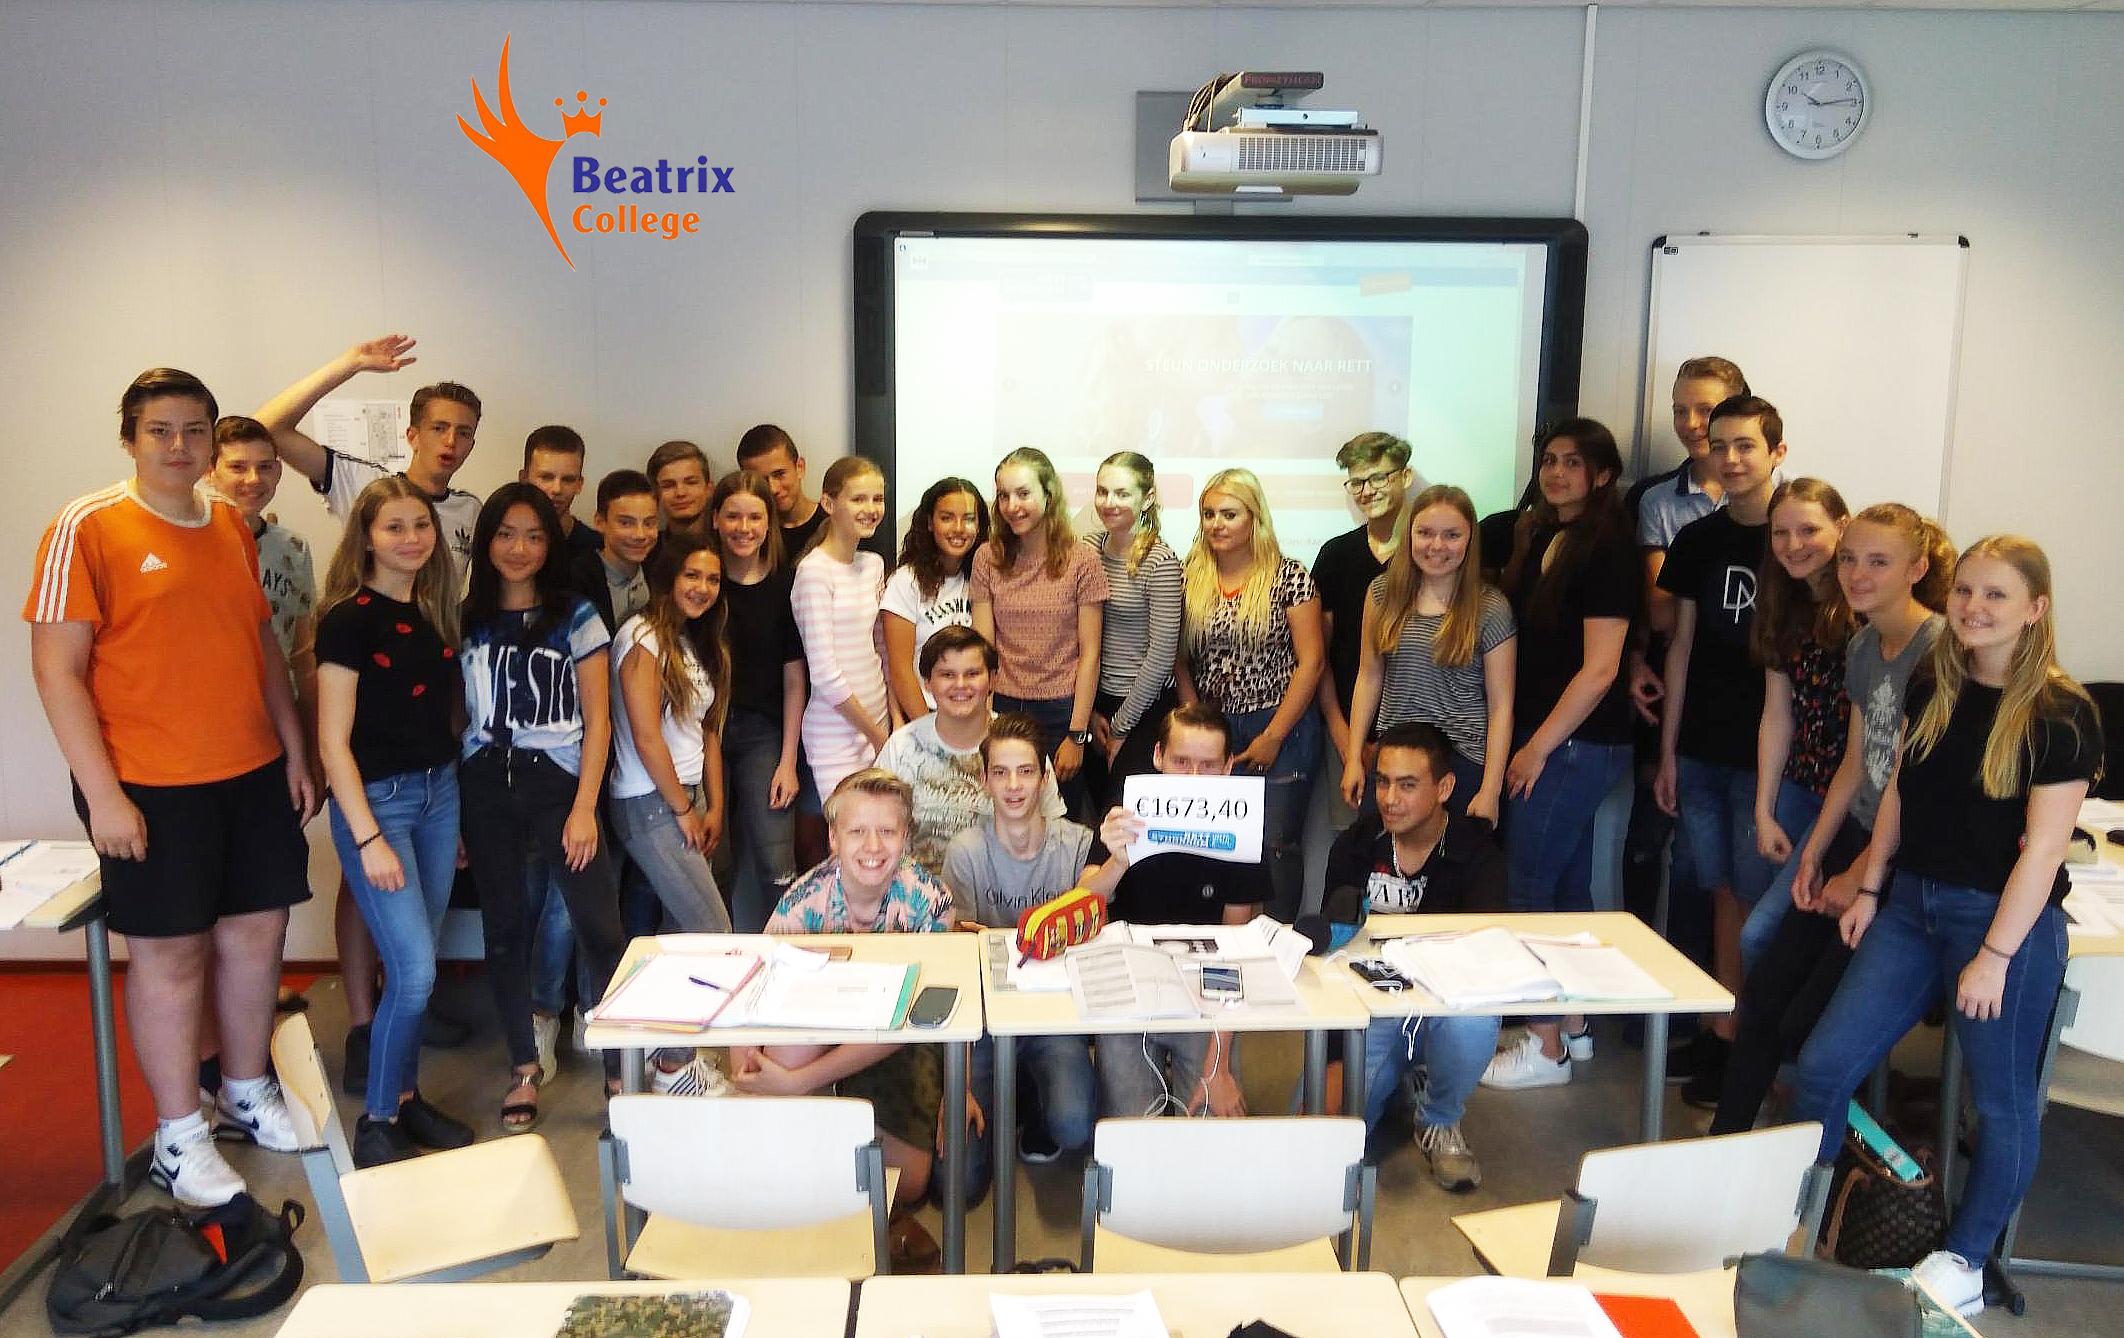 Donatie Van €1673,40  Door Beatrix College Tilburg